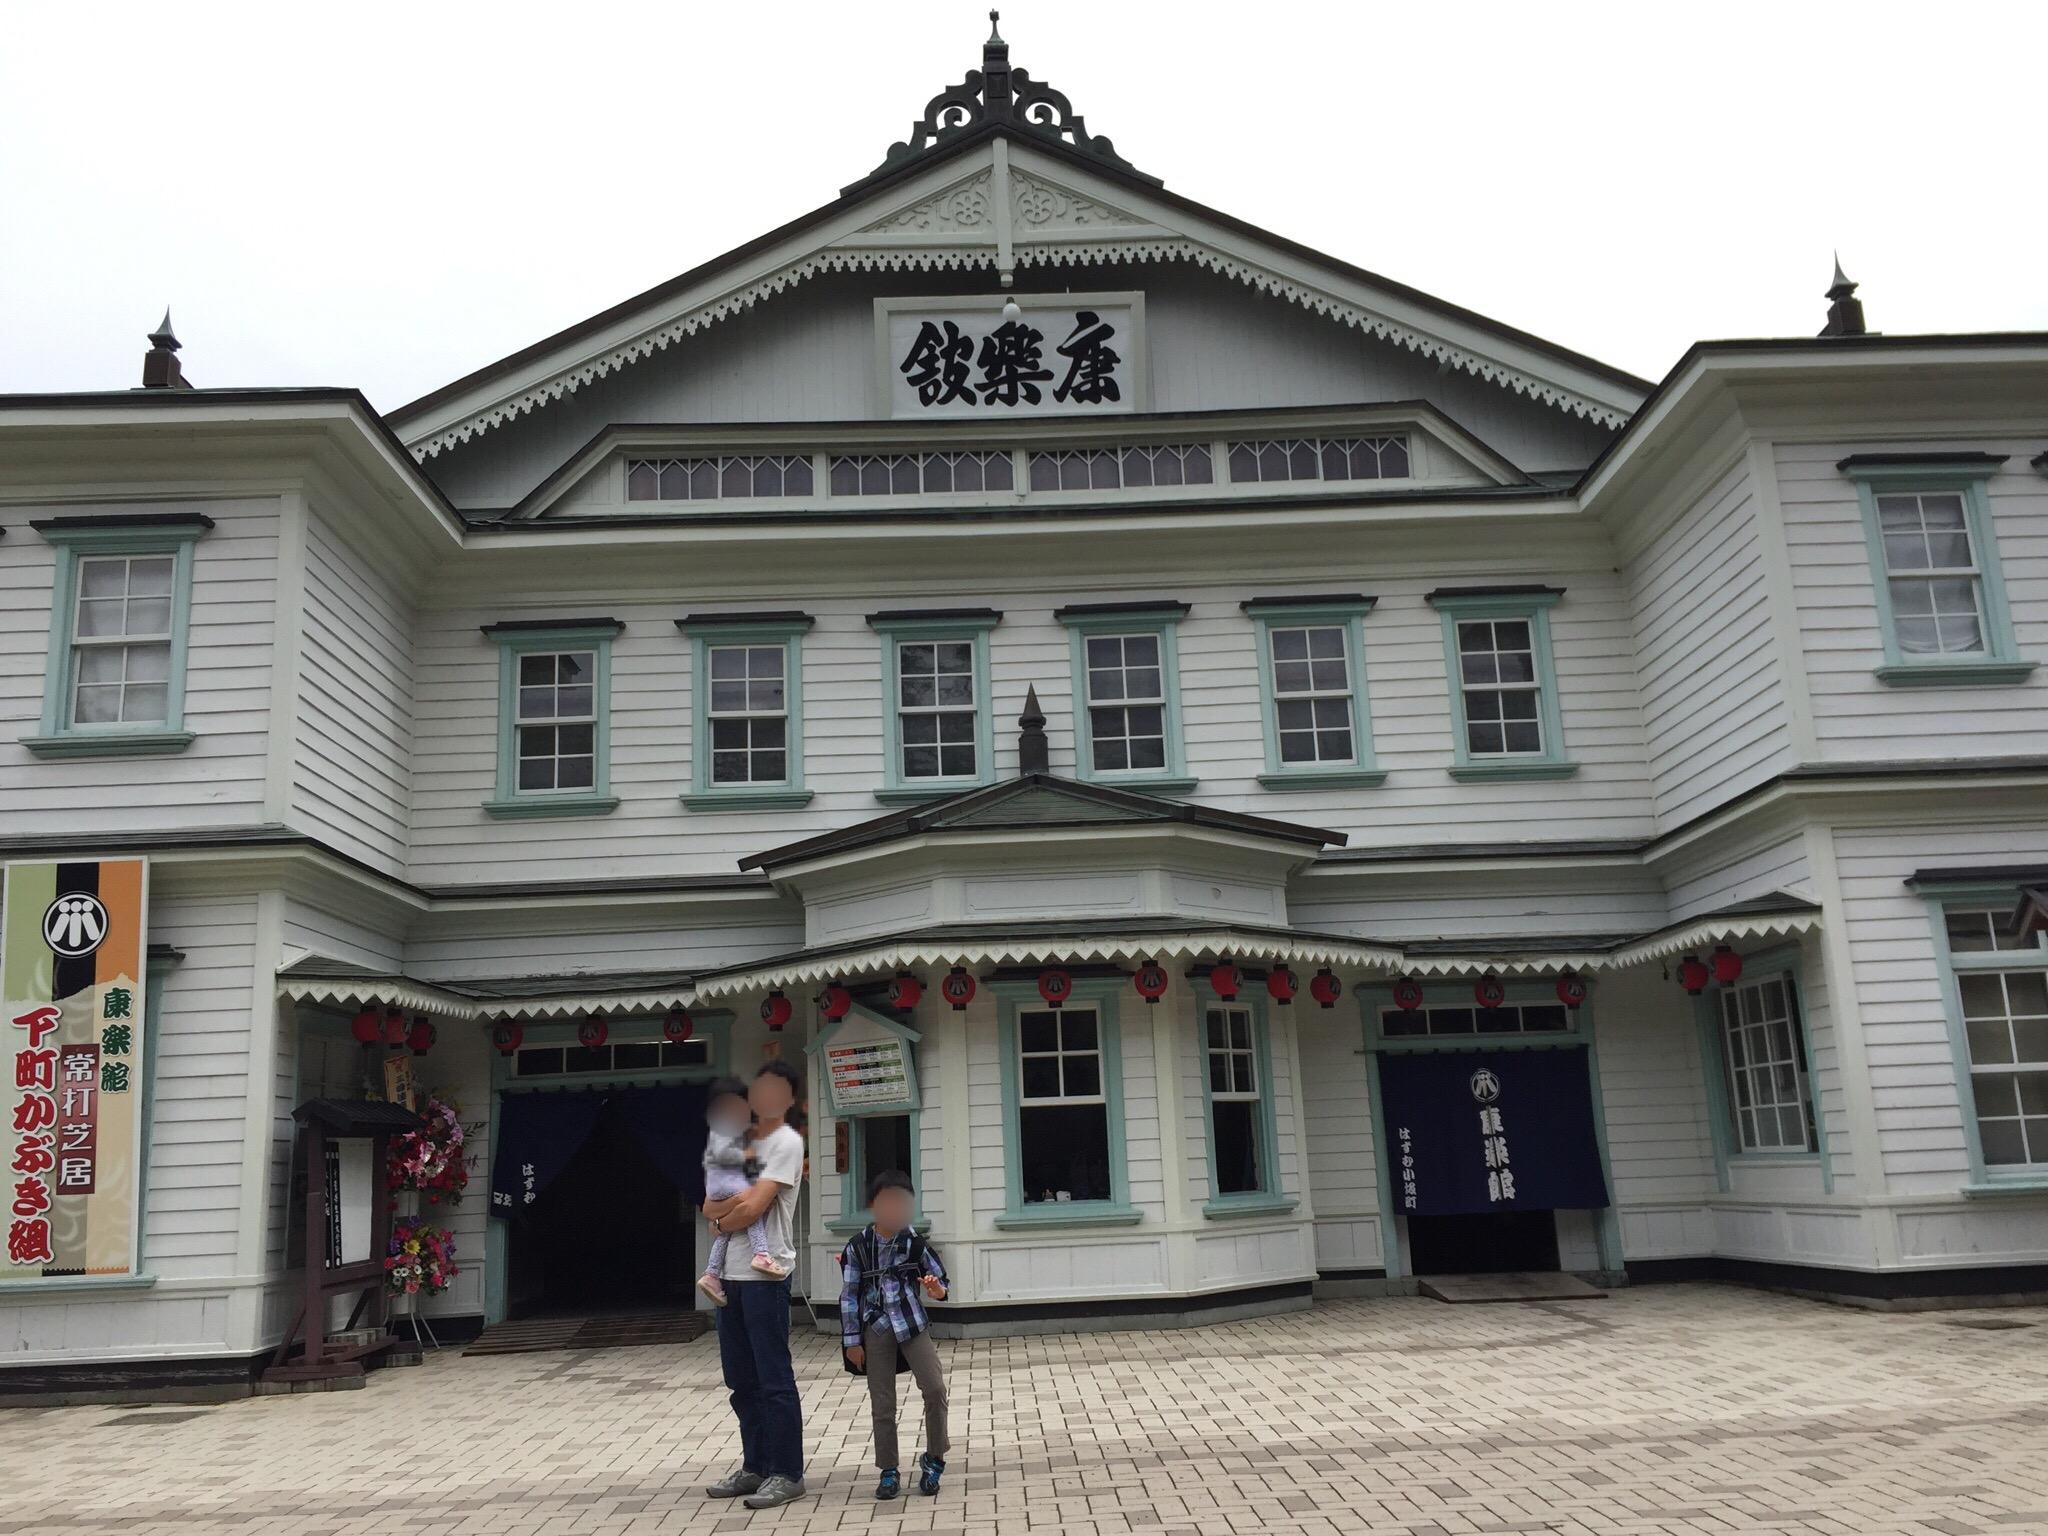 【康楽館(こうらくかん)】 約100年前に建てられた、日本最古級の劇場